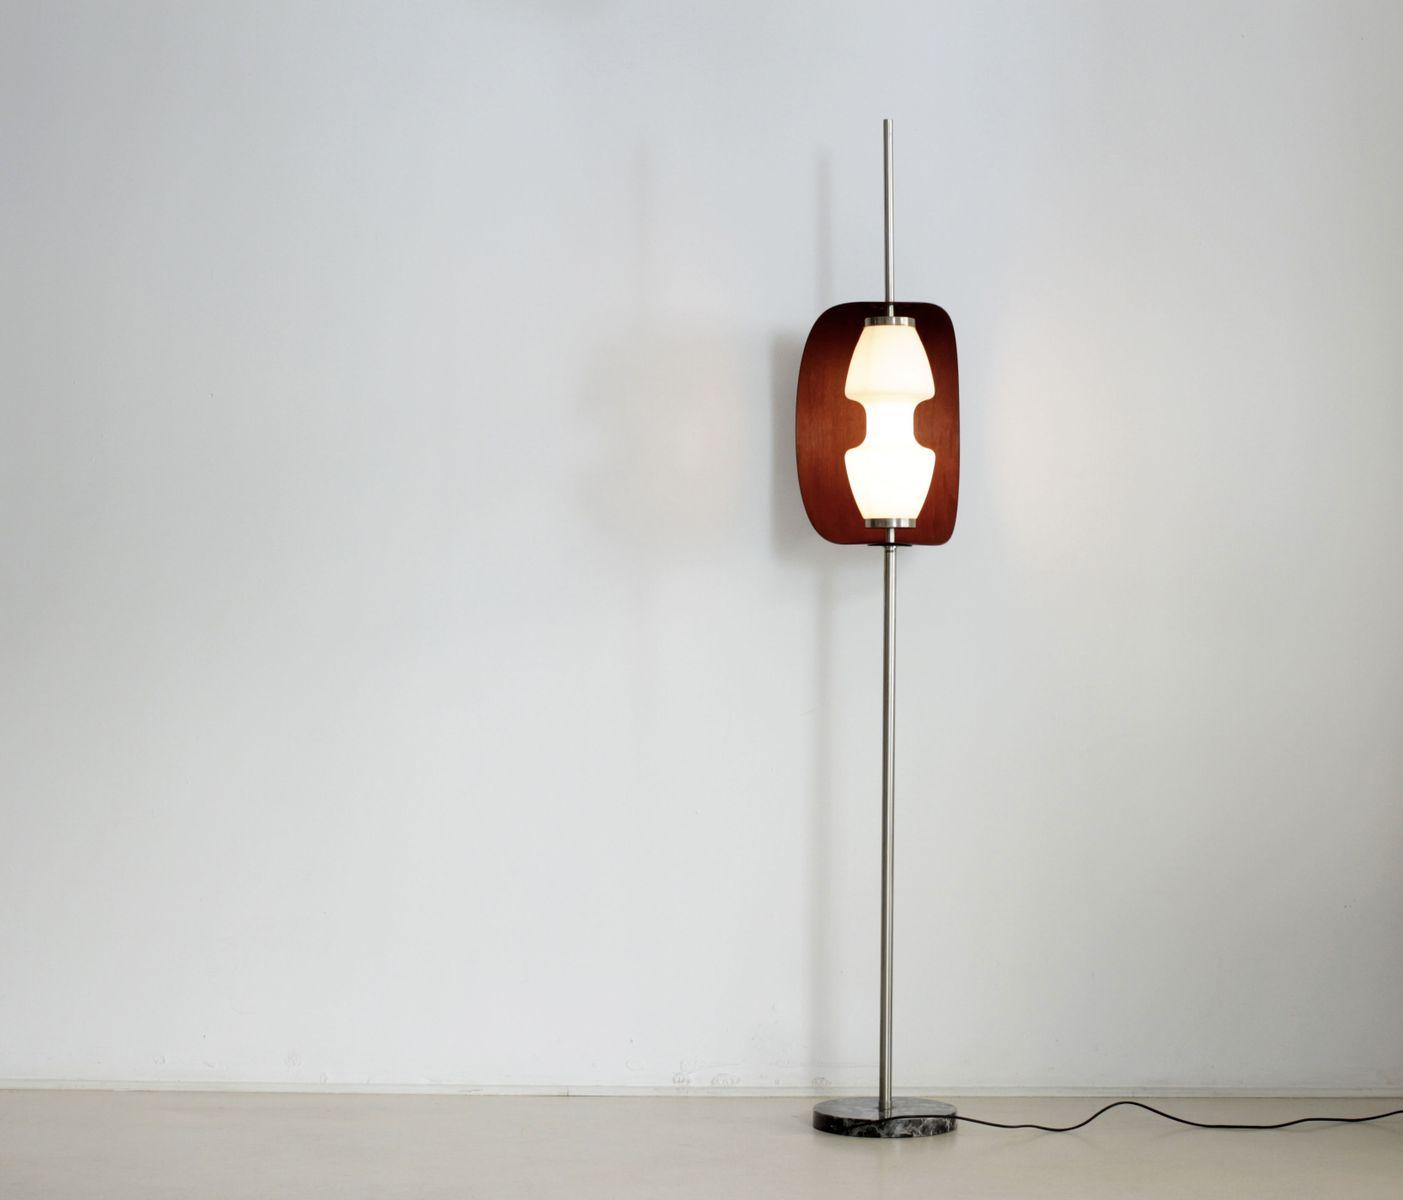 lamp lampadari : ... Floor Lamp by Gianfranco Reggiani for Regianni Lampadari, 1960s 2